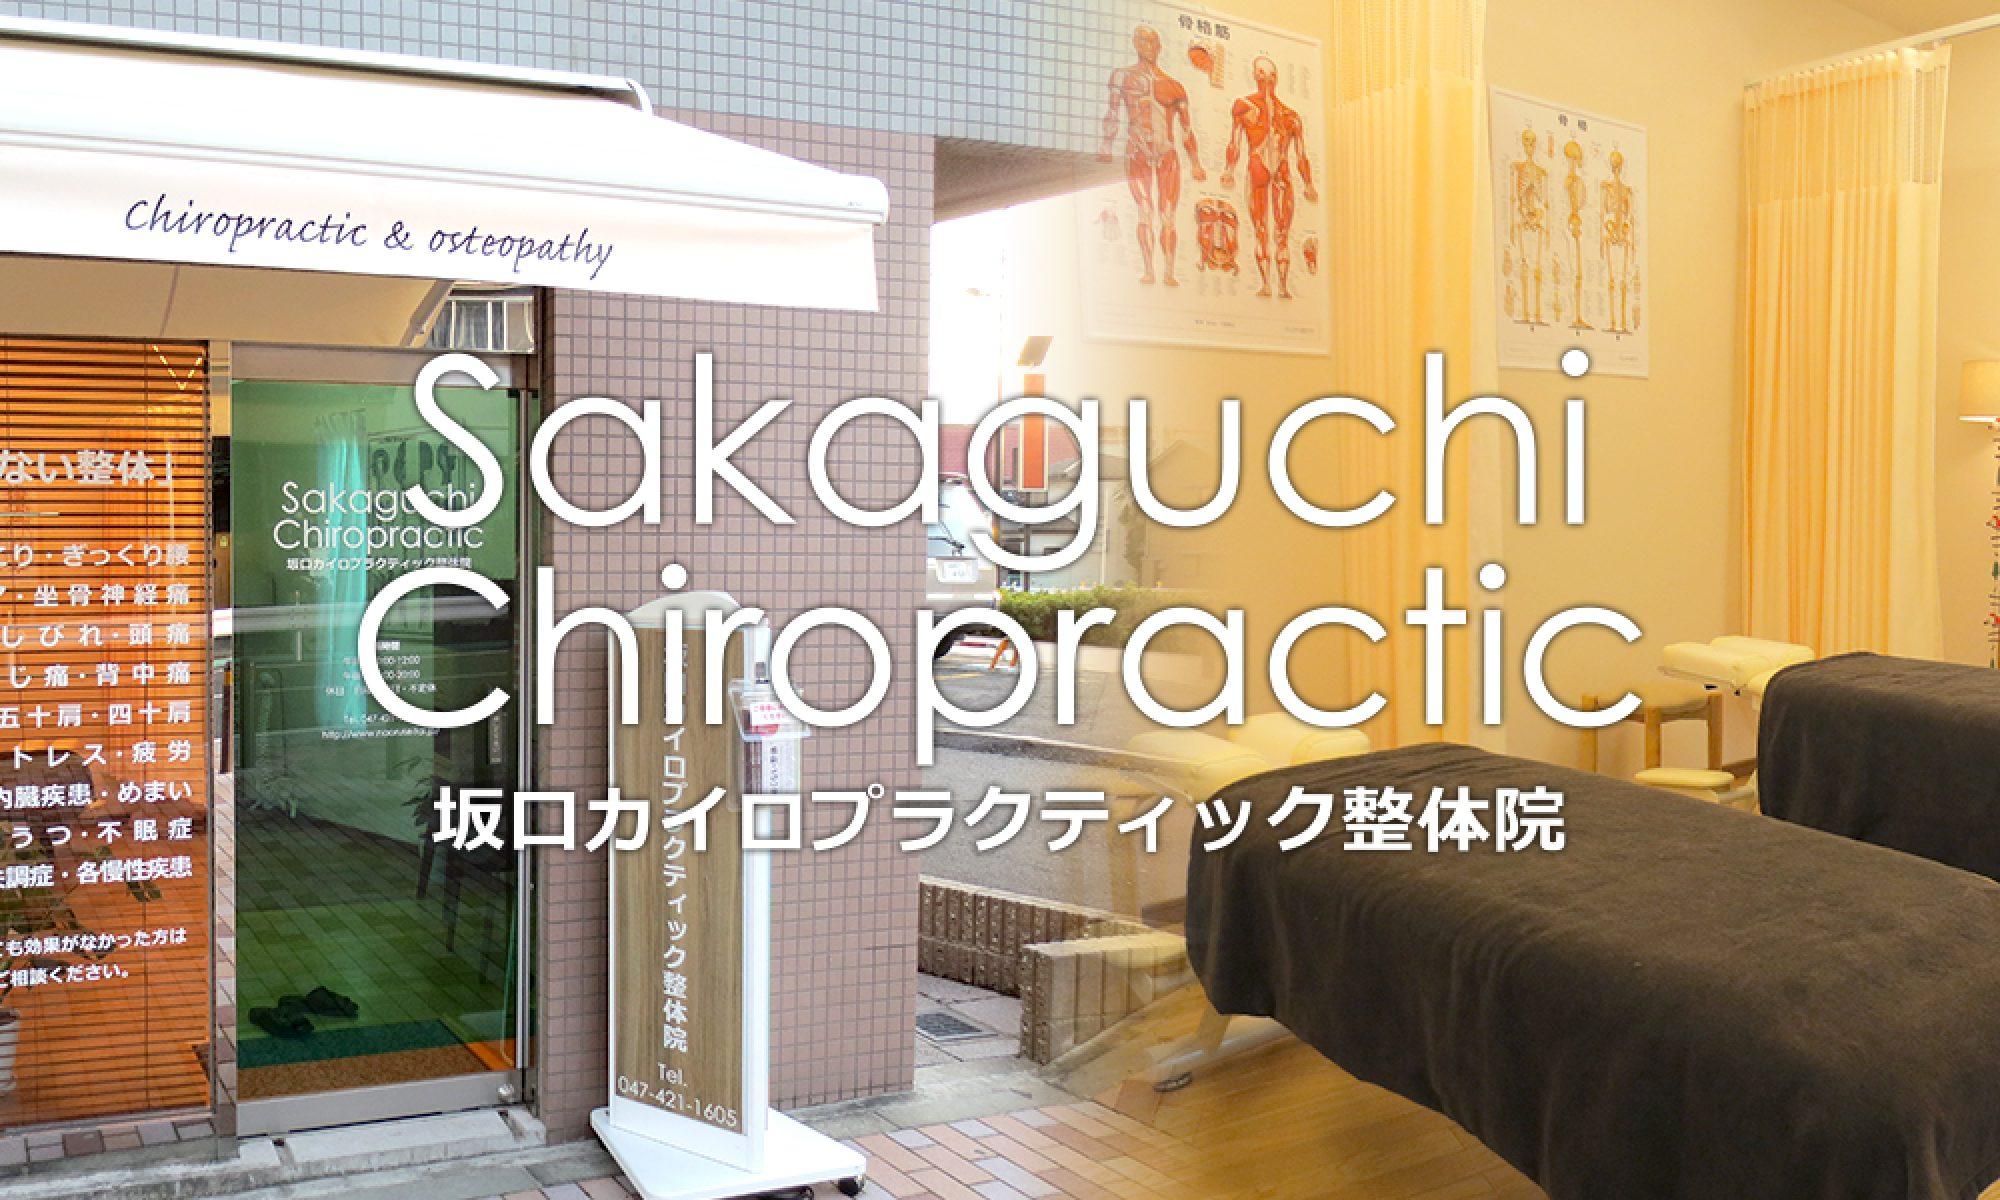 坂口カイロプラクティック整体院のブログ